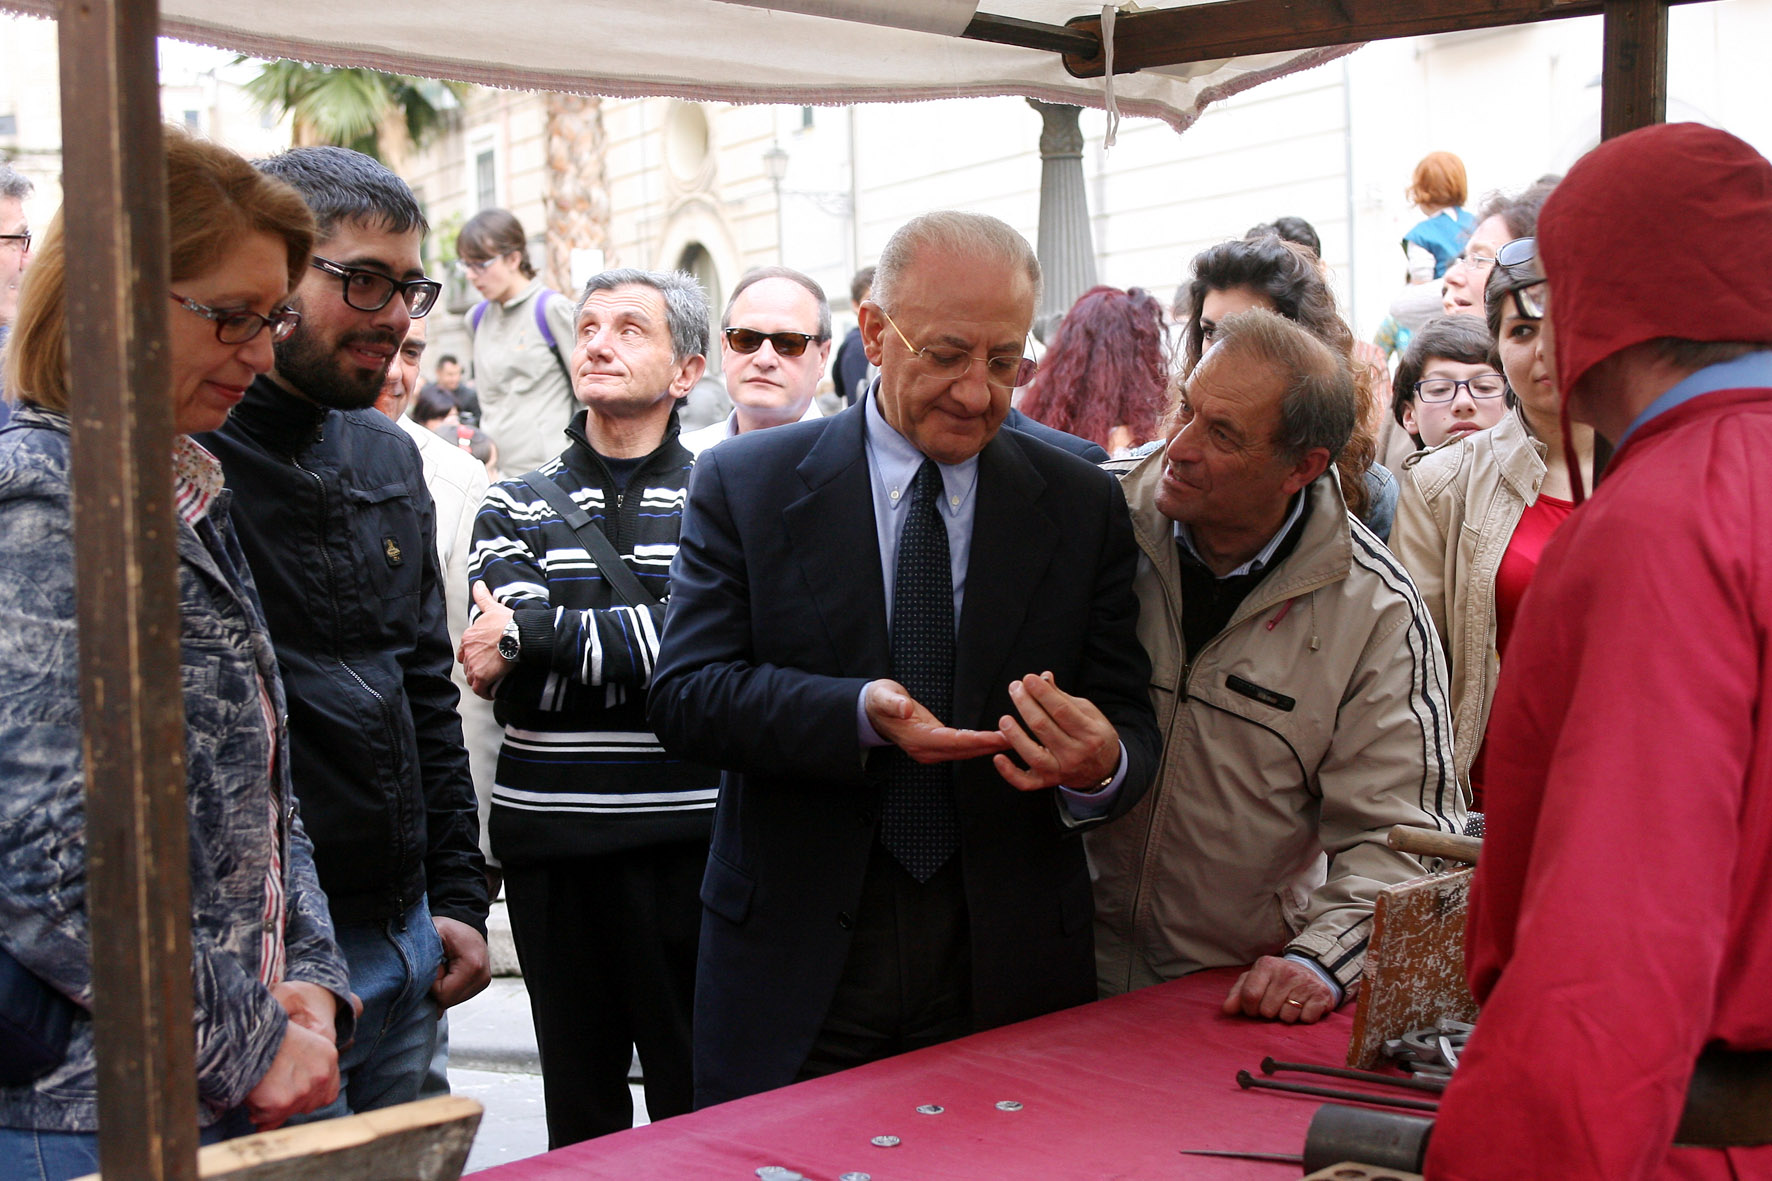 25 04 2014 Salerno Fiera Del Crocifisso Ritrovato.